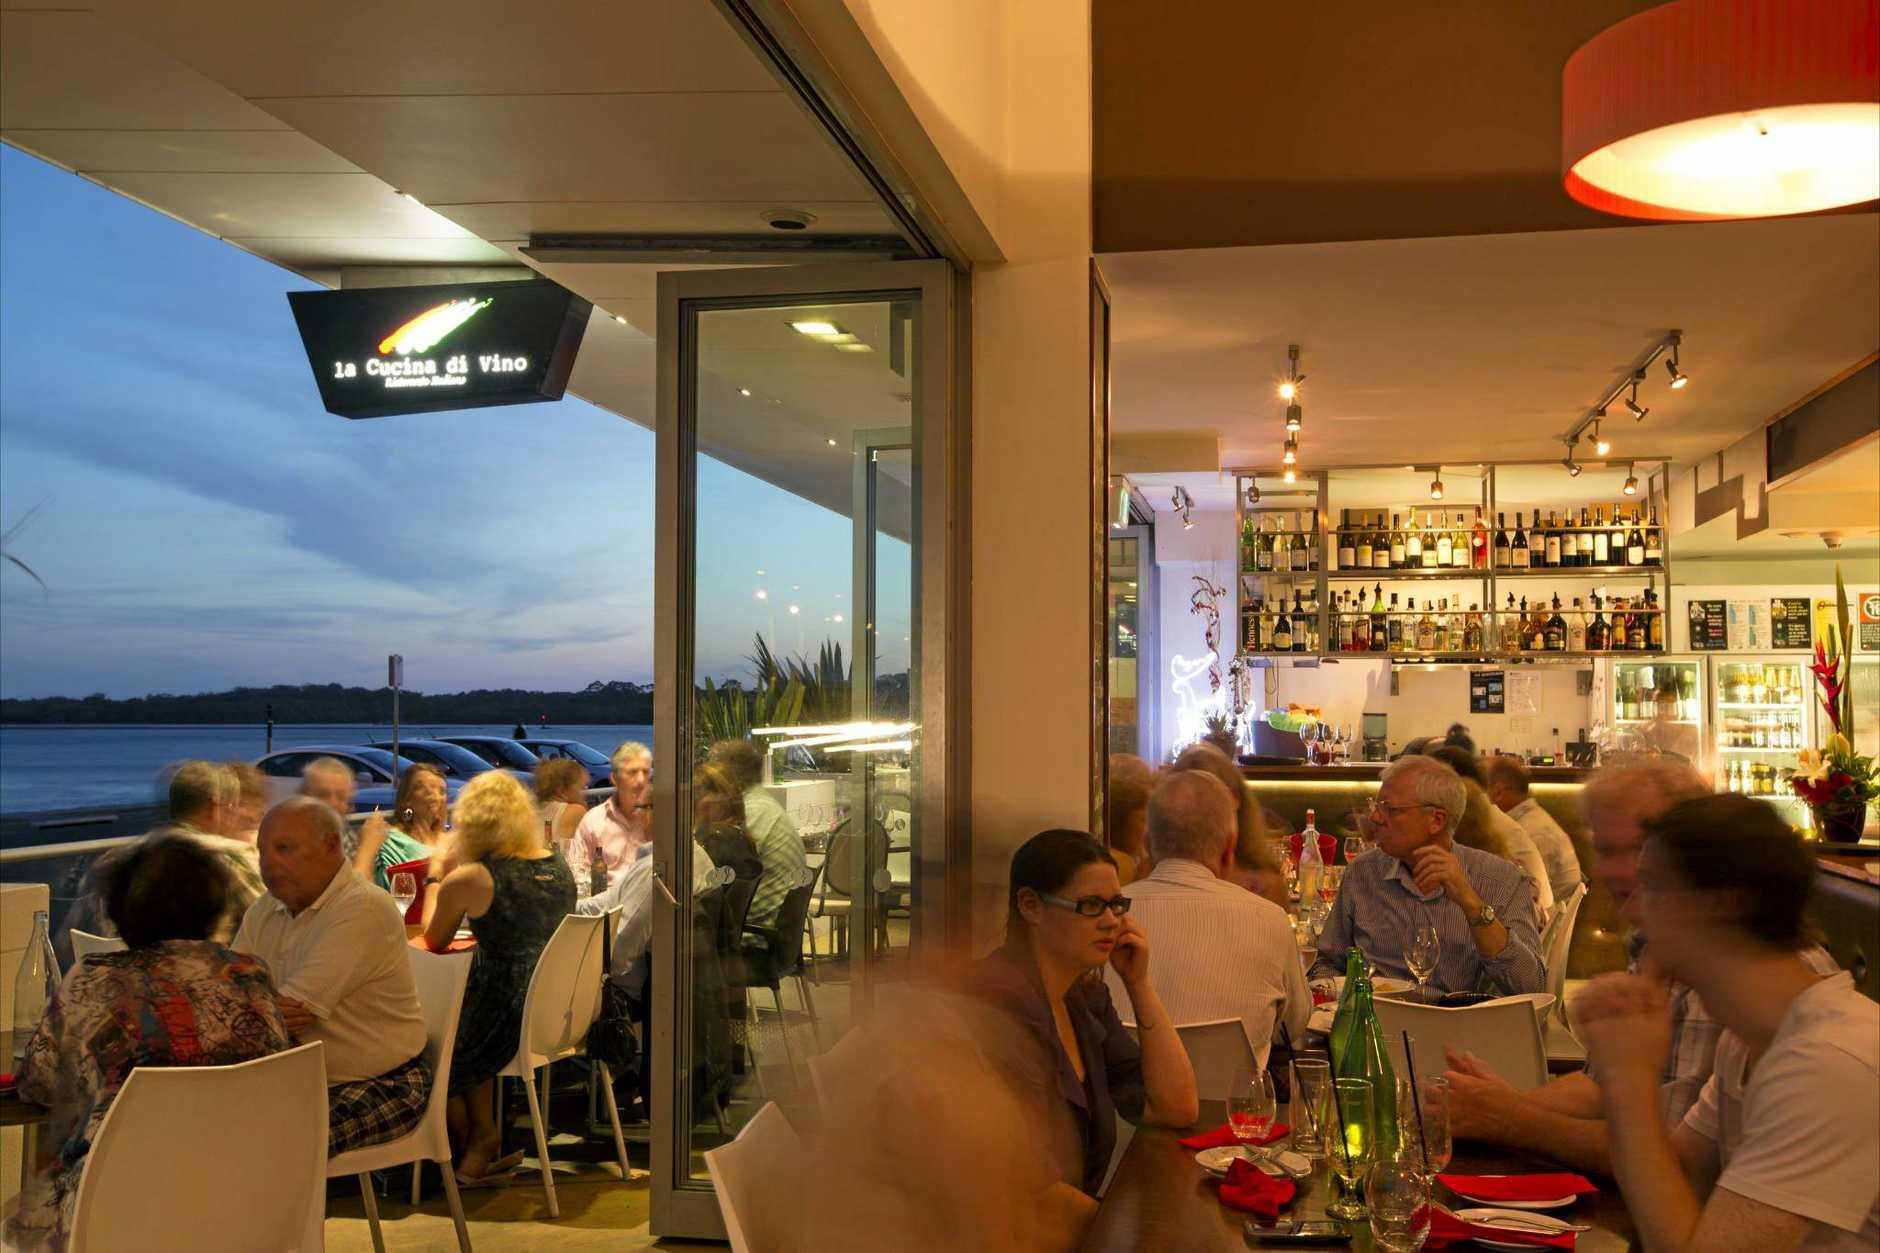 La Cucina Di Vino tops the list for Ballina takeaway.